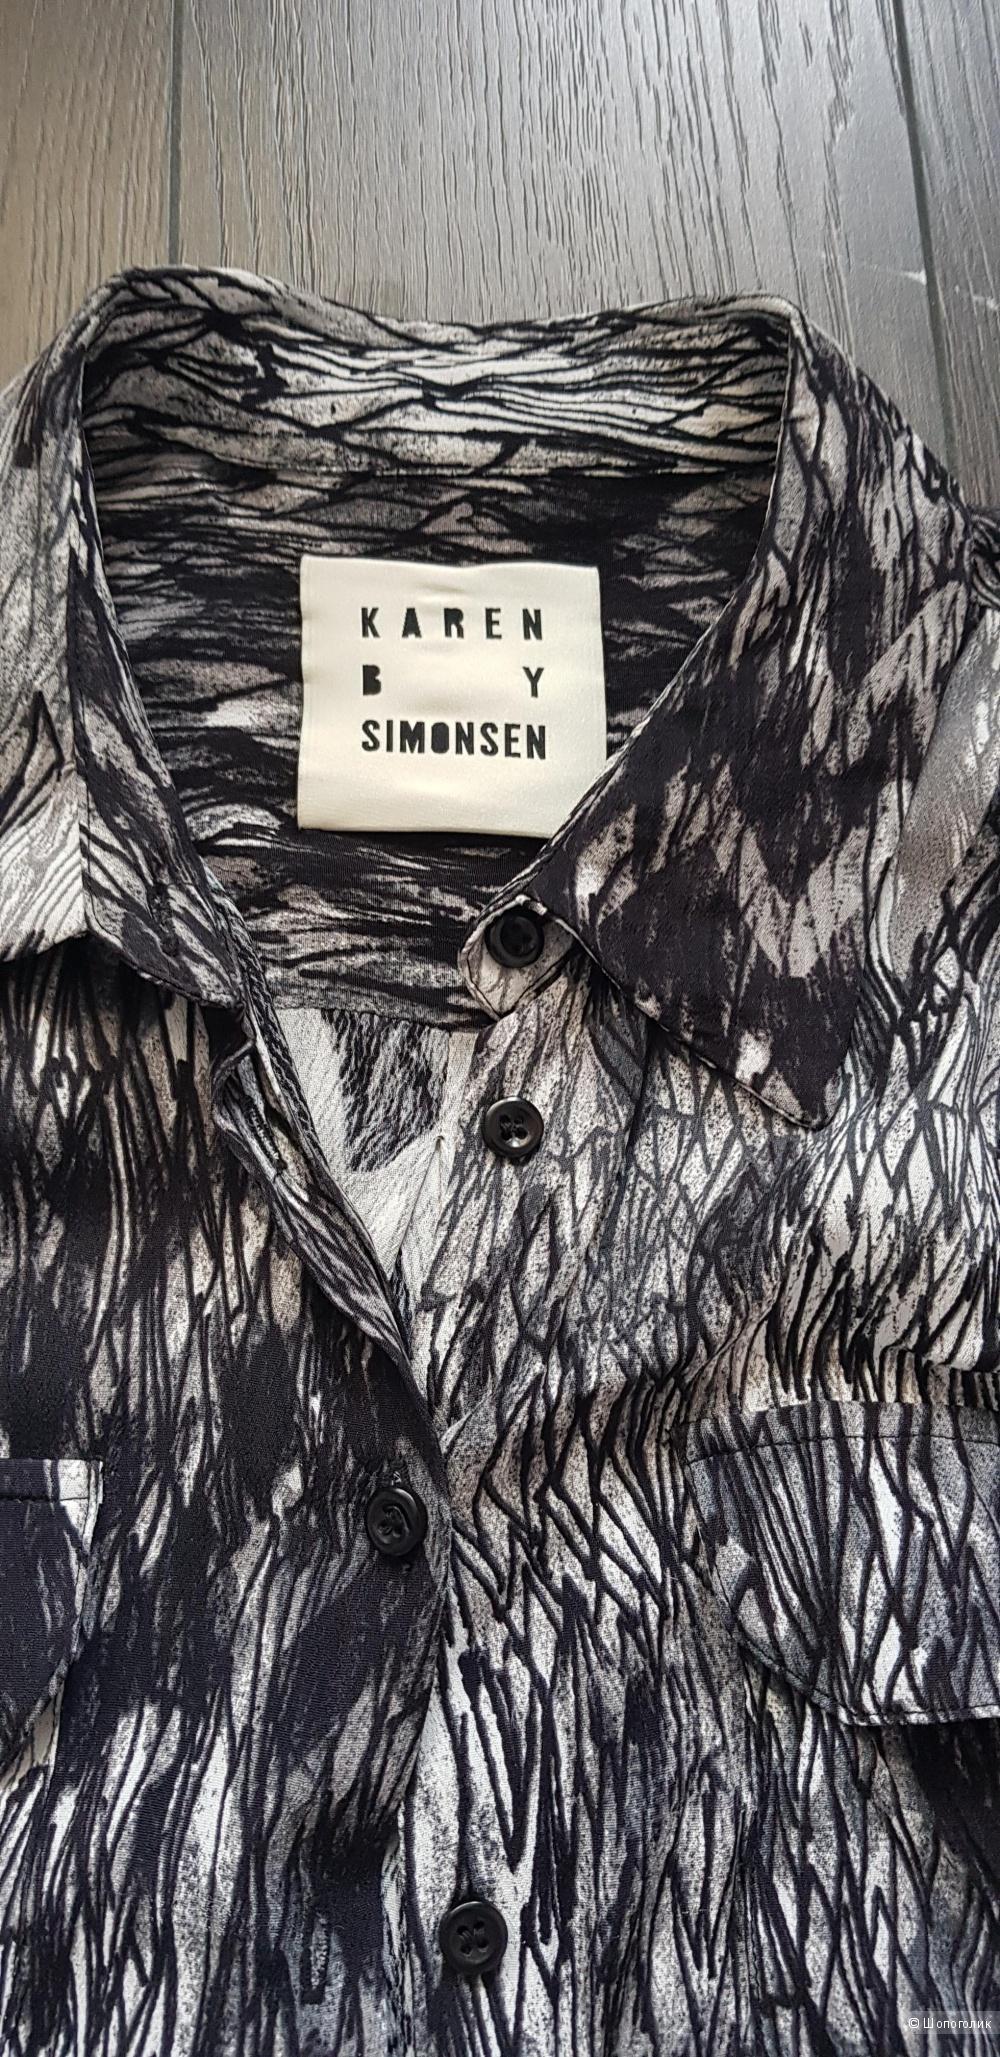 Рубашка Karen by Simonsen 46rus.